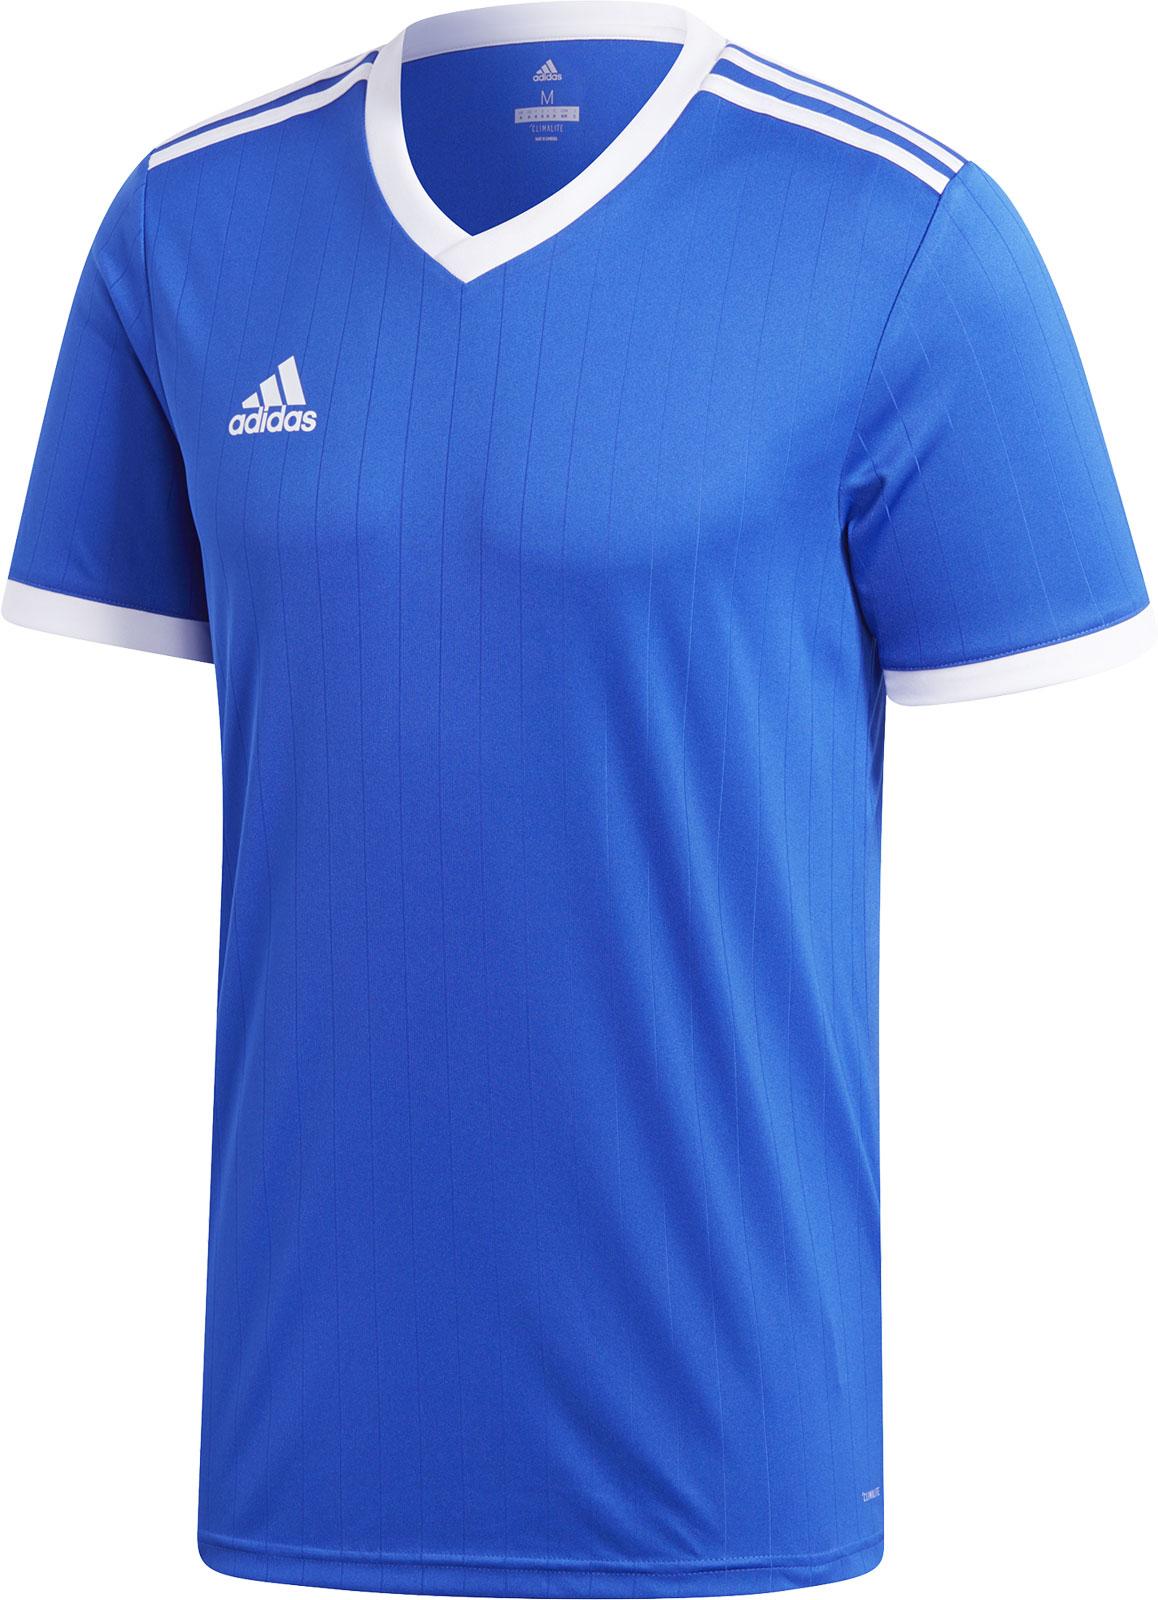 Футболка мужская Adidas Tabela 18 Jsy, цвет: голубой. CE8936. Размер XXL (60/62) толстовка мужская adidas regi18 tr top цвет черный cz8647 размер xxl 60 62